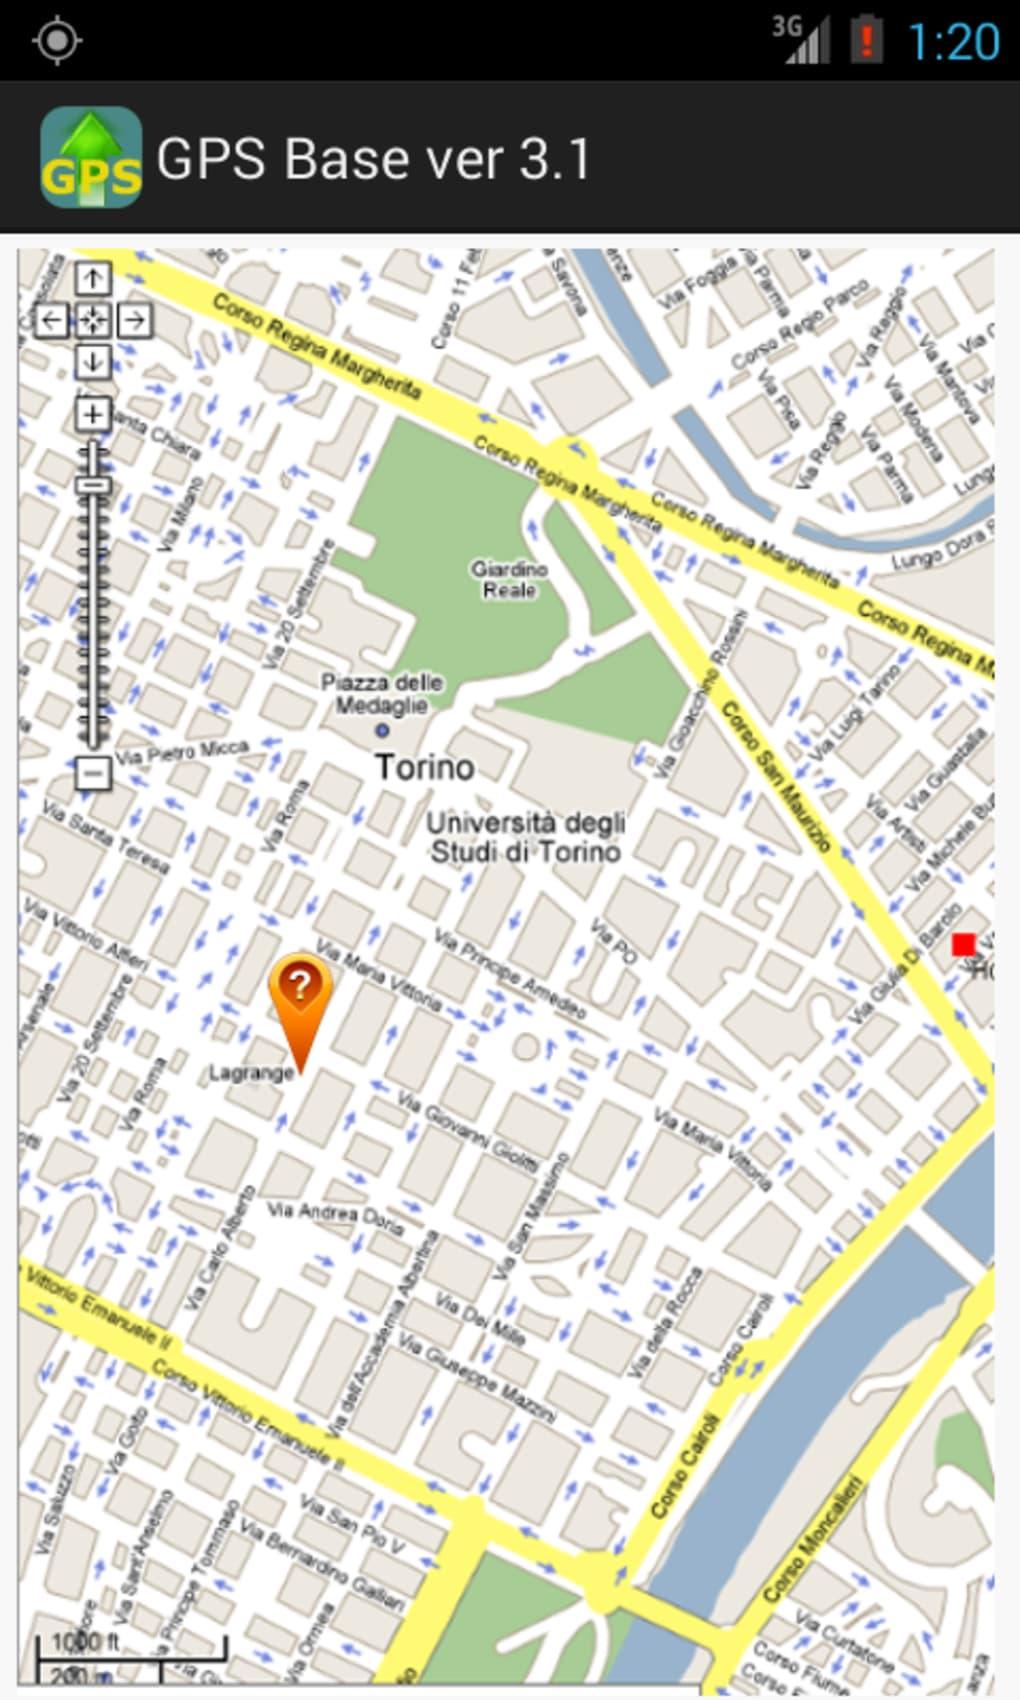 Descargar Mapa Gps Gratis.Gps Base Apk Para Android Descargar